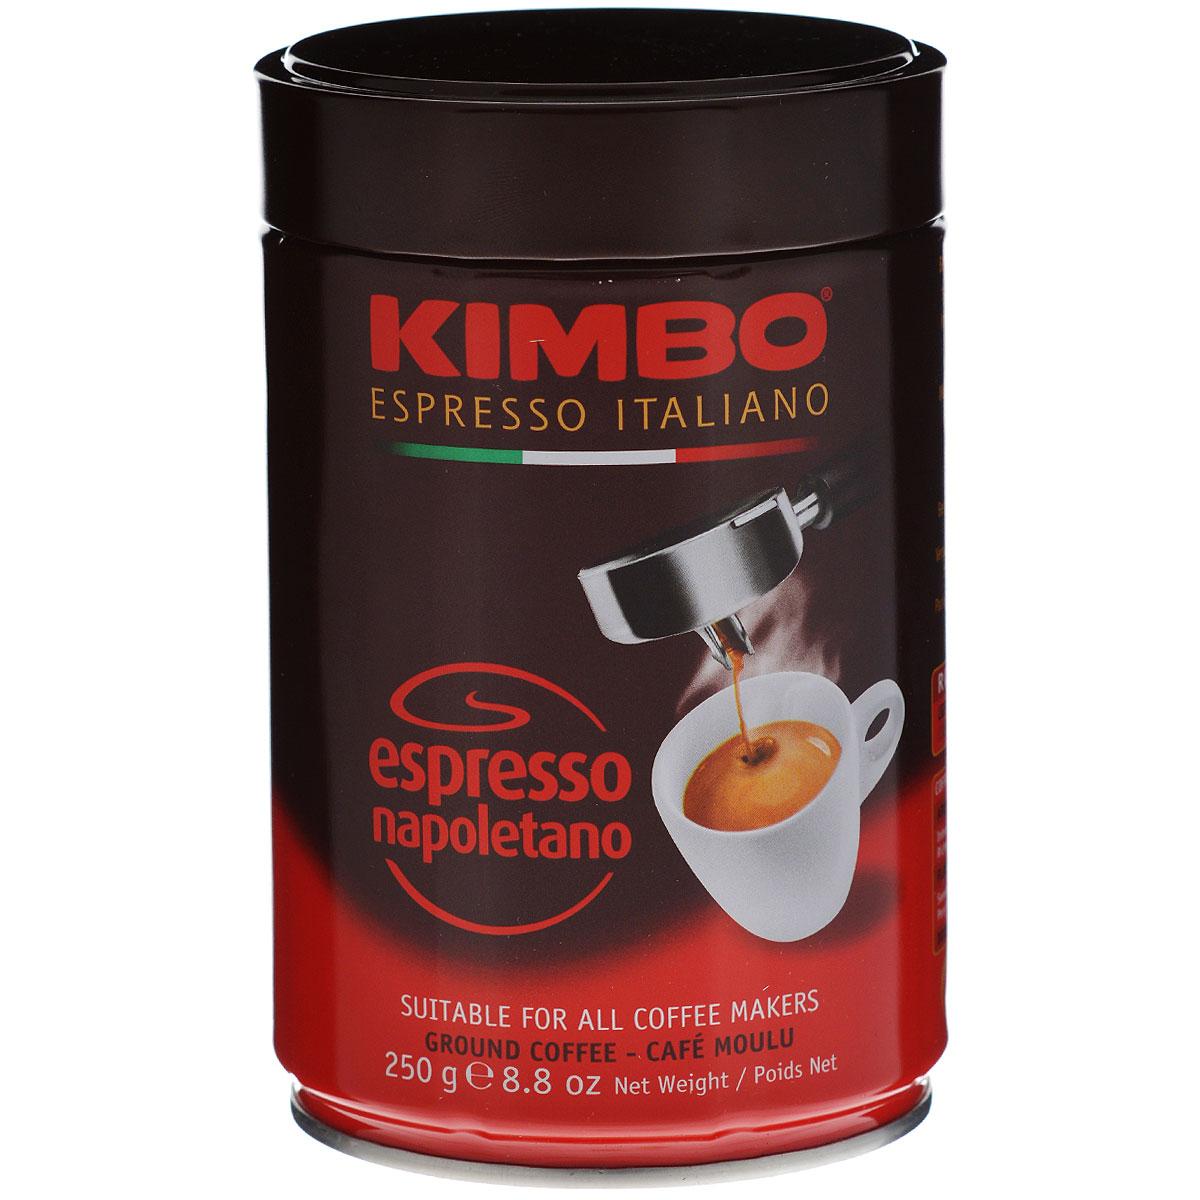 Kimbo Espresso Napoletano кофе молотый, 250 г (ж/б)101246Натуральный жареный молотый кофе Kimbo Espresso Napoletano с интенсивным вкусом и богатым ароматом. Традиционная неаполитанская обжарка характеризуется густой пенкой. Идеально подходит для любителей крепкого эспрессо. Состав смеси: 90% арабика, 10% робуста.